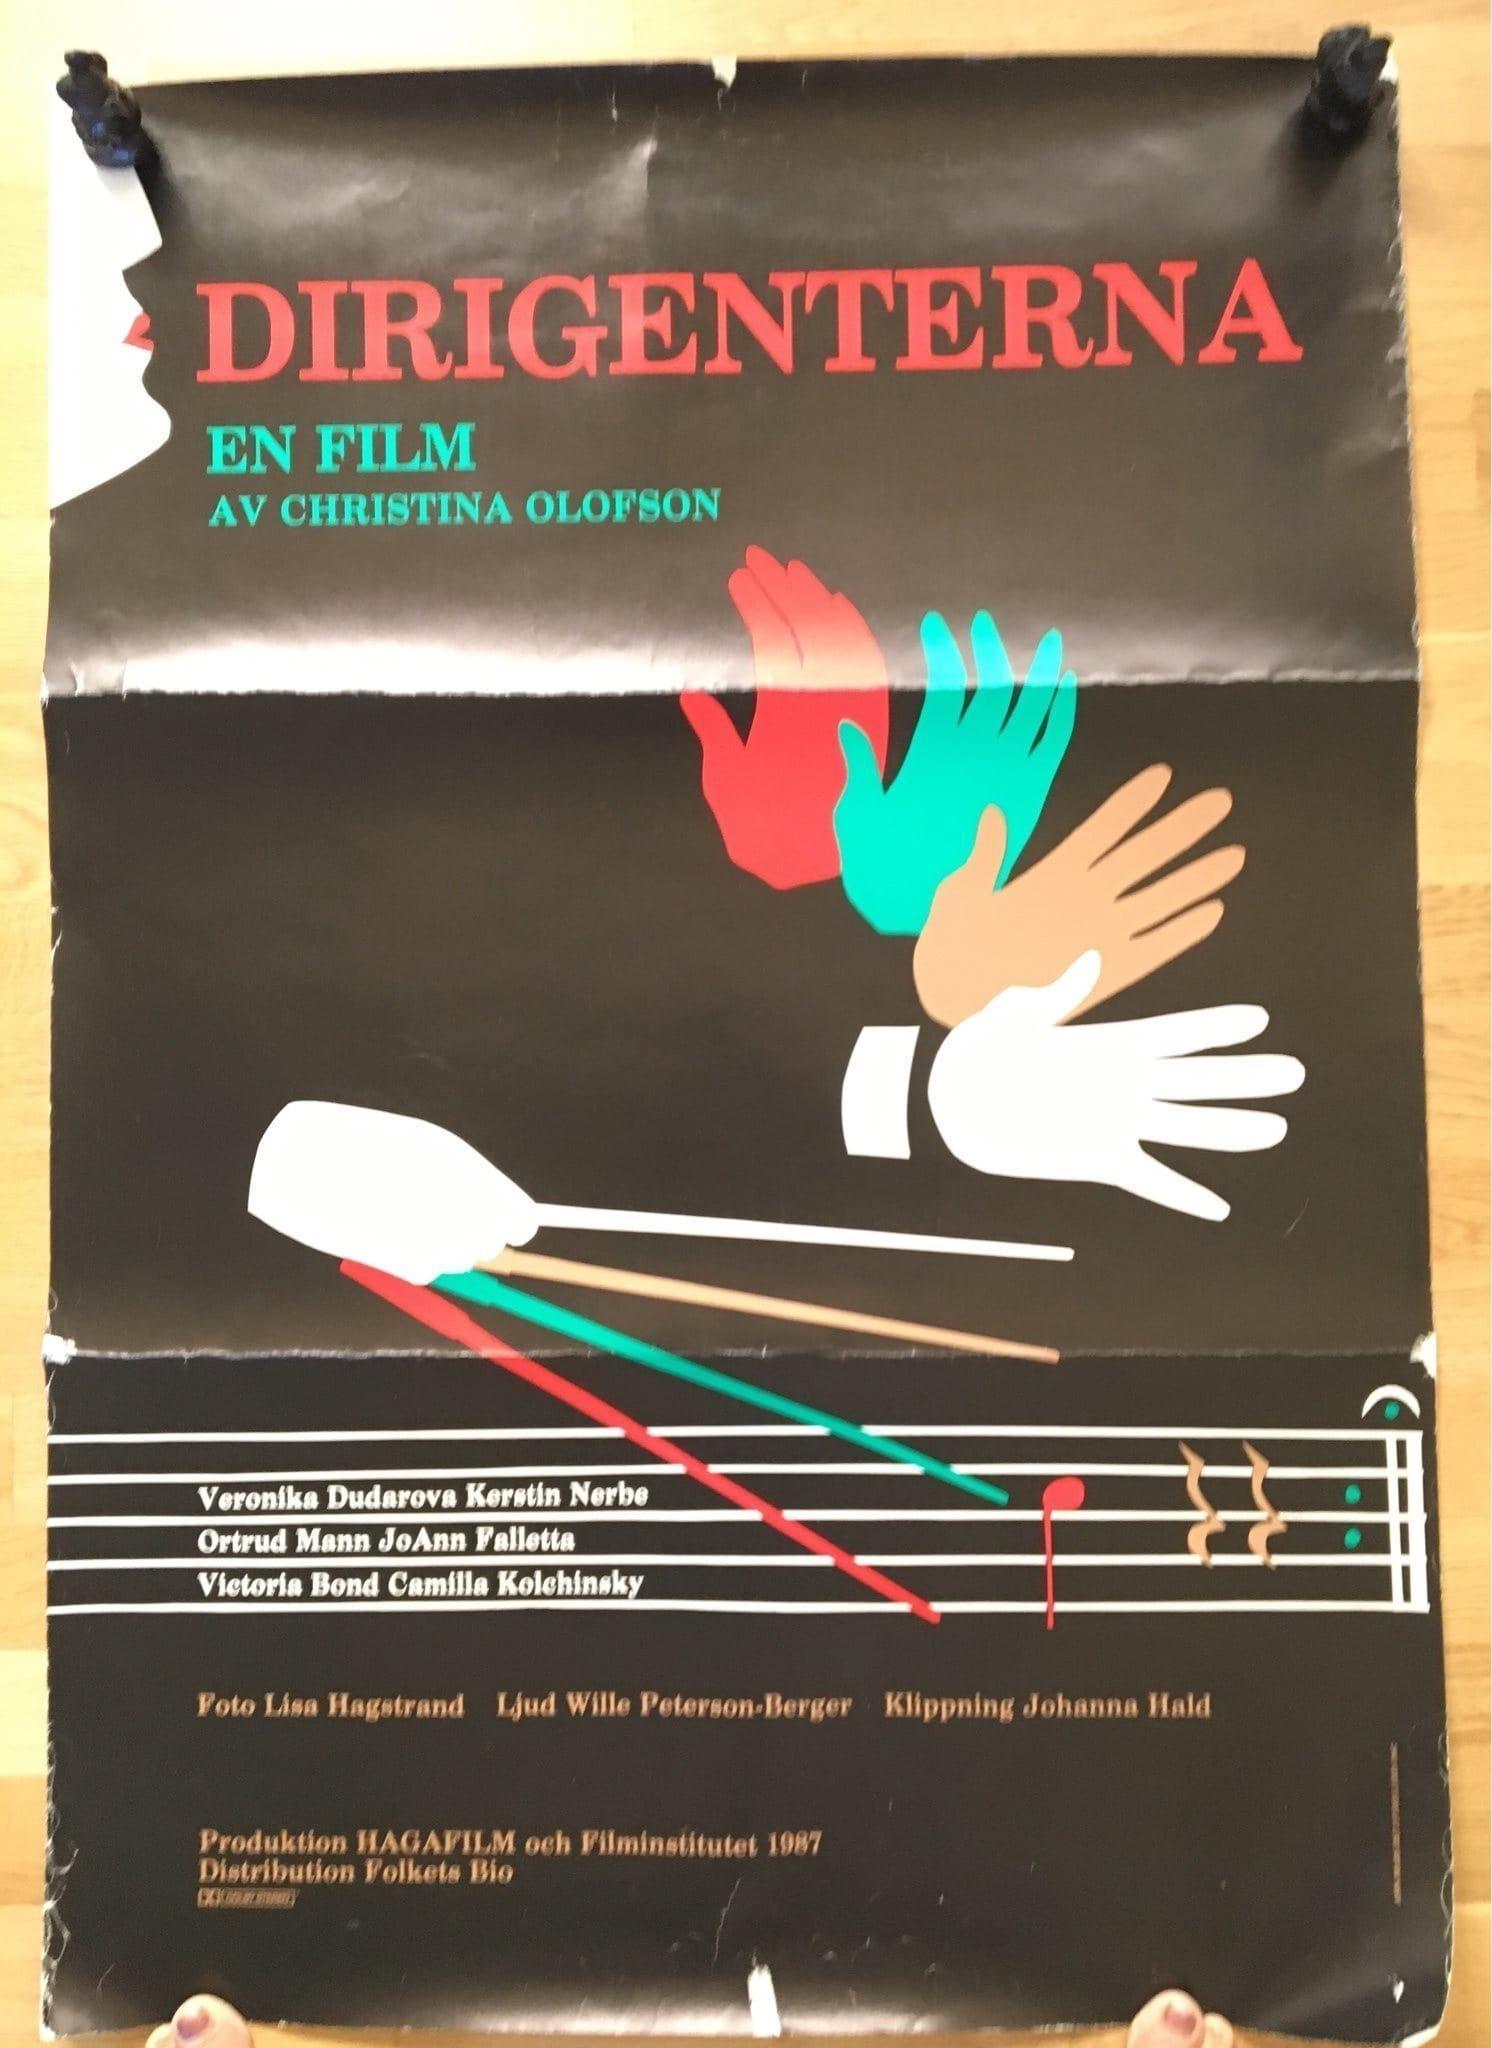 Dirigenterna (1987)